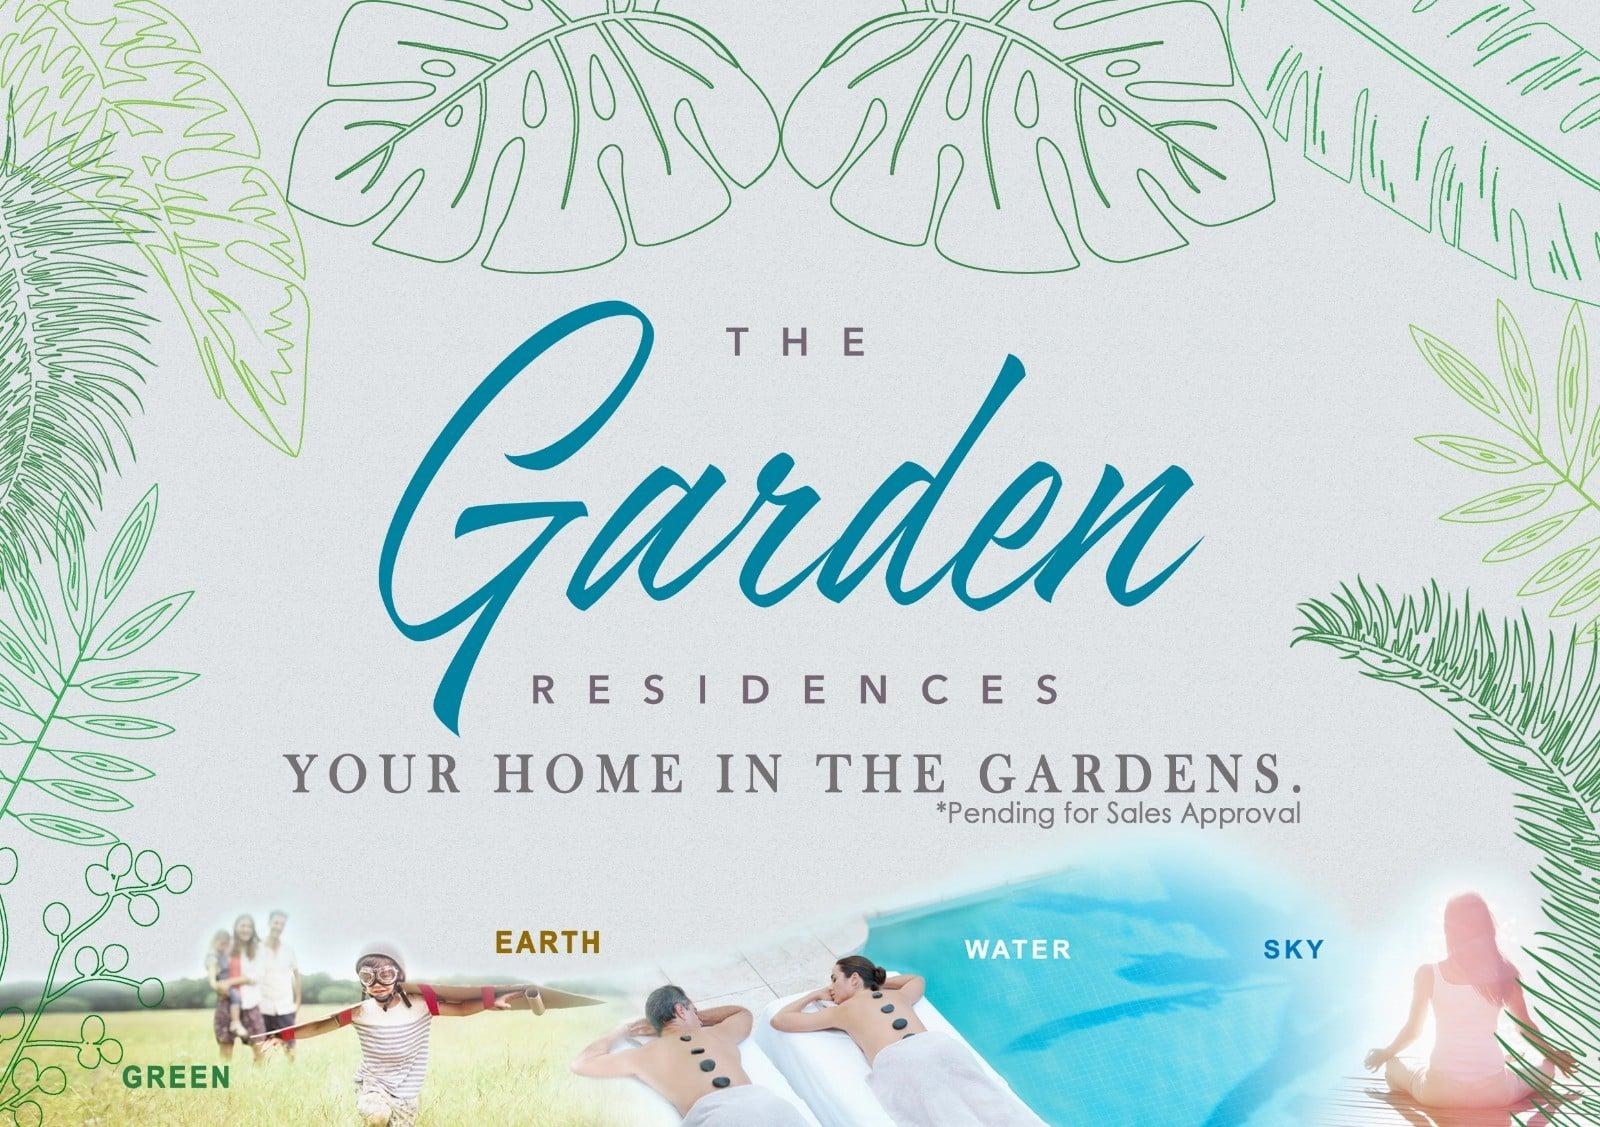 Serangoon The Garden Residences - Concept